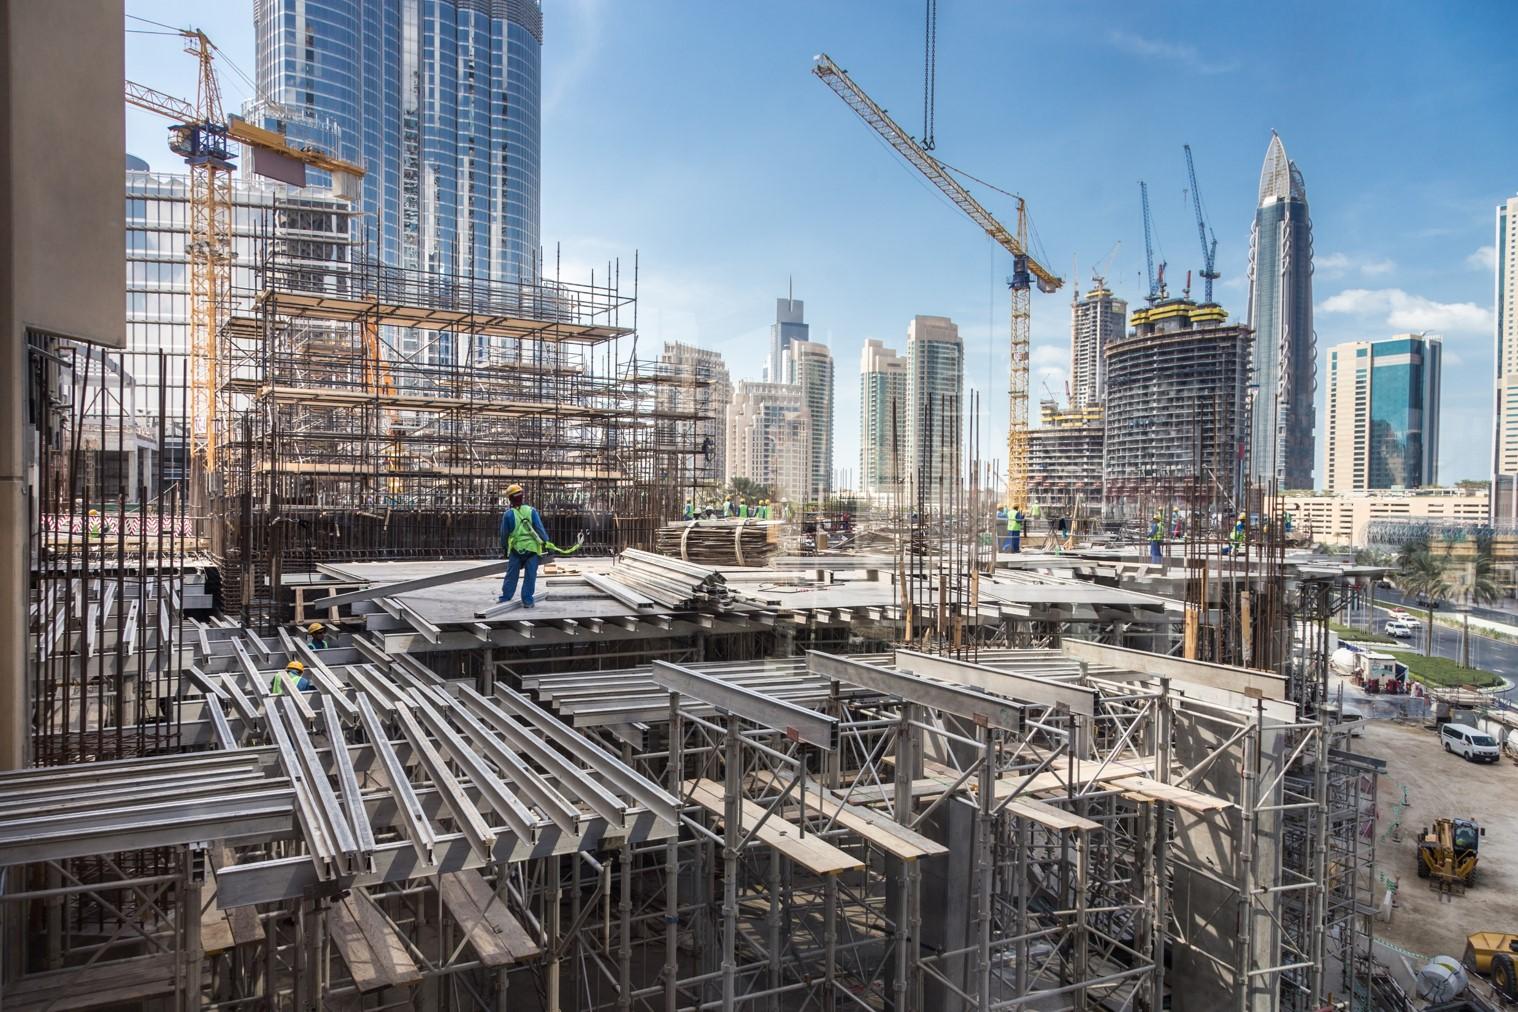 Poszukiwane innowacyjne rozwiązania minimalizujące powstawanie odpadów w procesie budowalnym